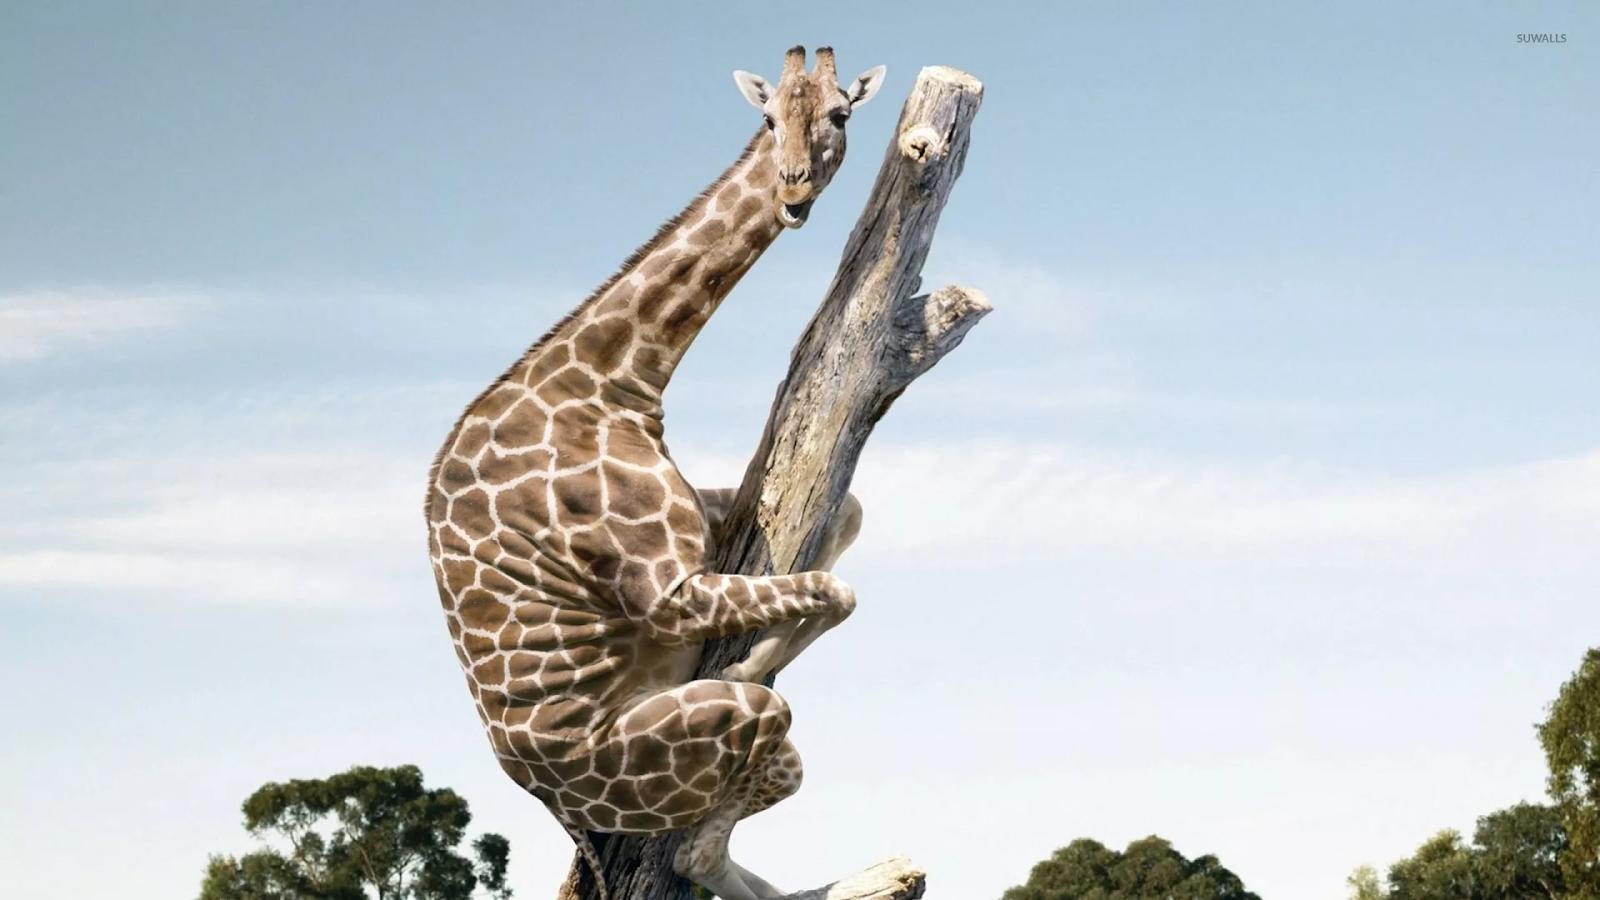 Жираф большой — ему видней. Не лучший способ отслеживать местоположение сотрудников